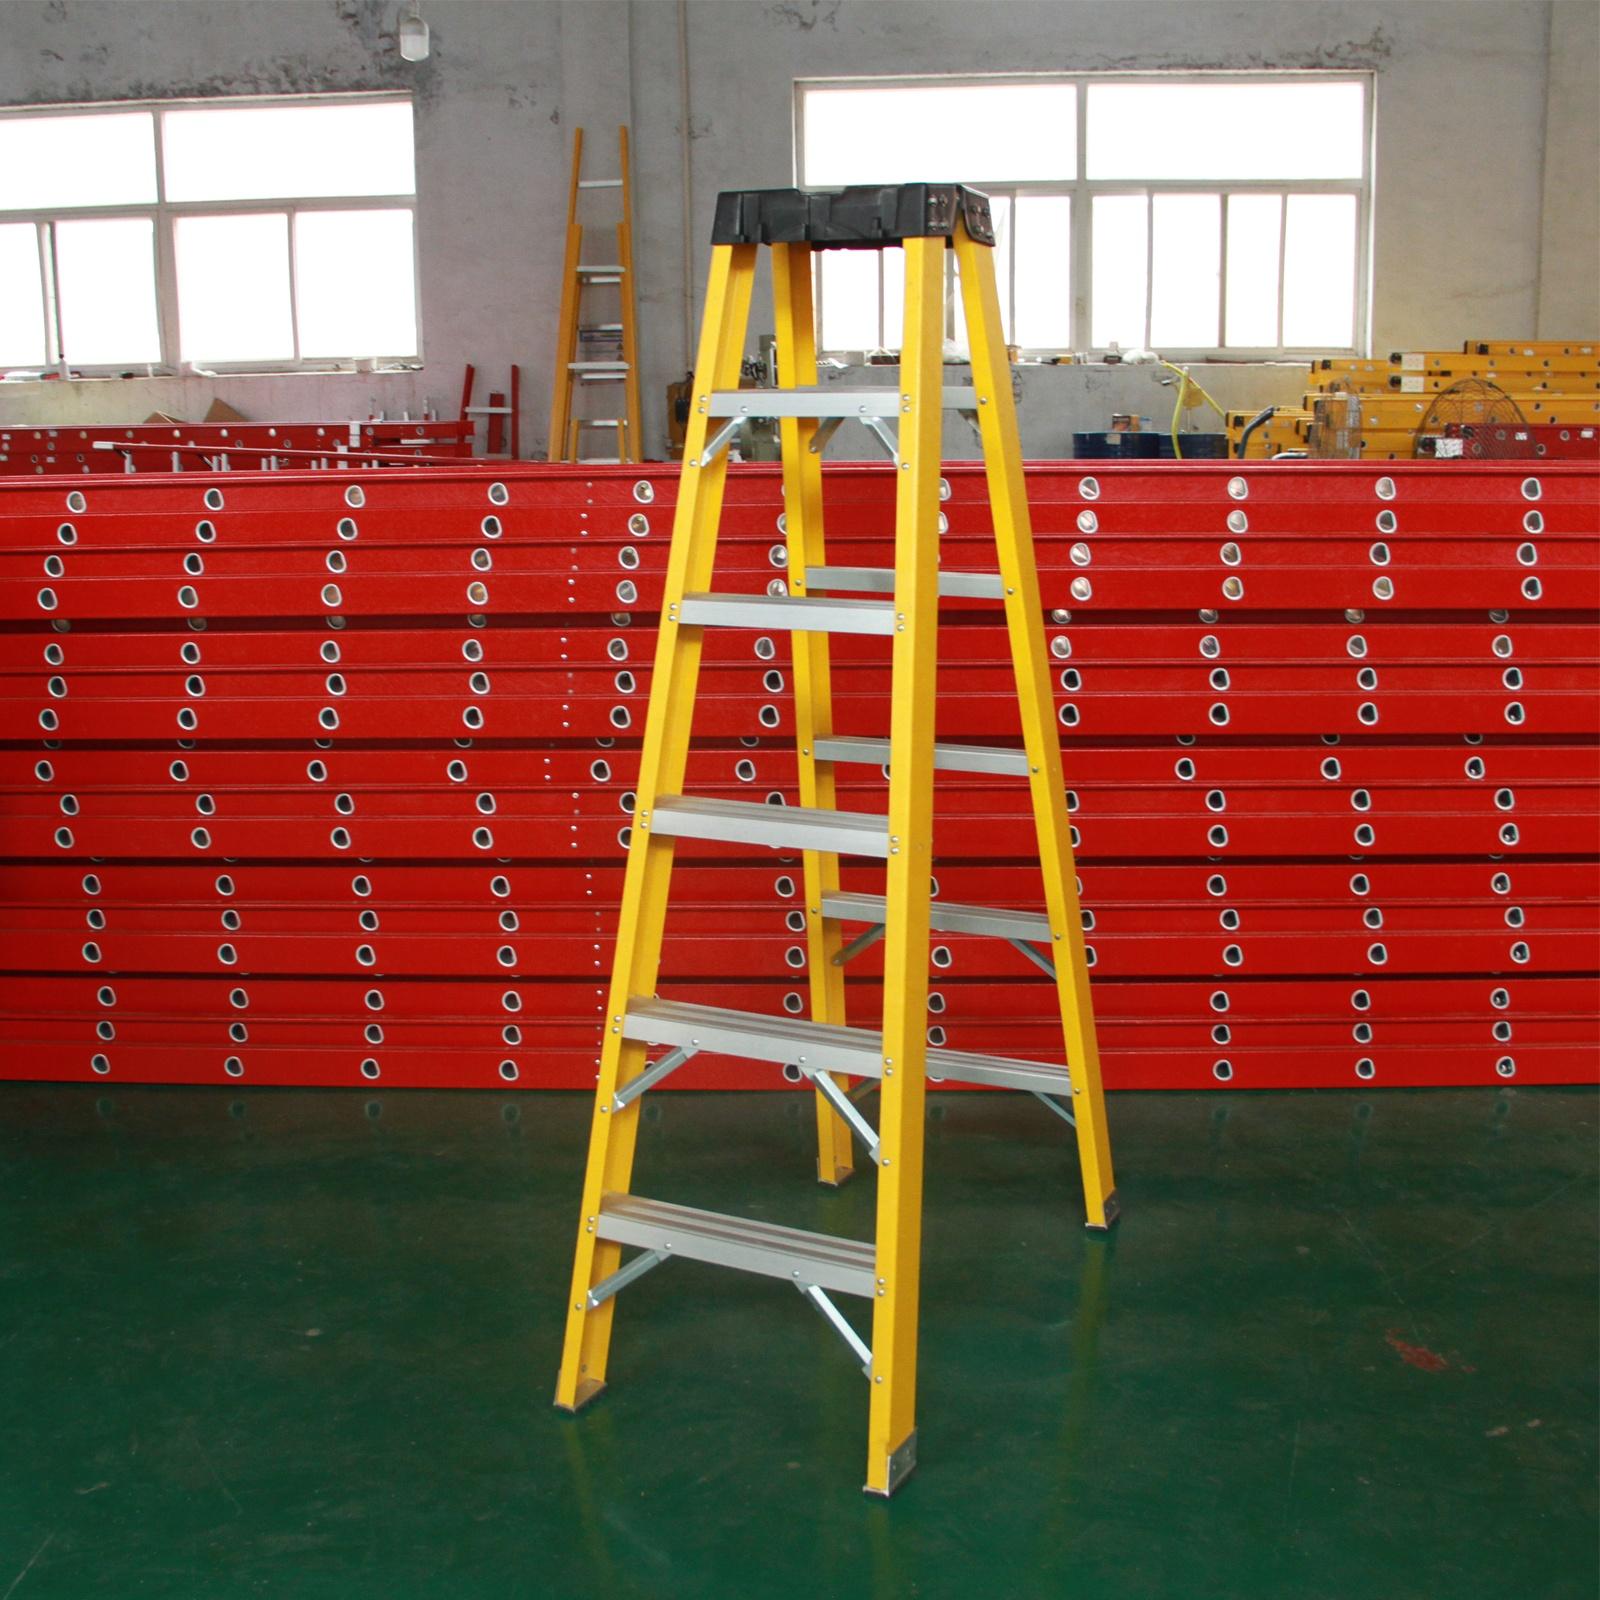 En131 ANSI 3-9 ступеней, промышленная платформа типа A, регулируемое расширение, стекловолокно Frp, ступенчатая лестница для электрика